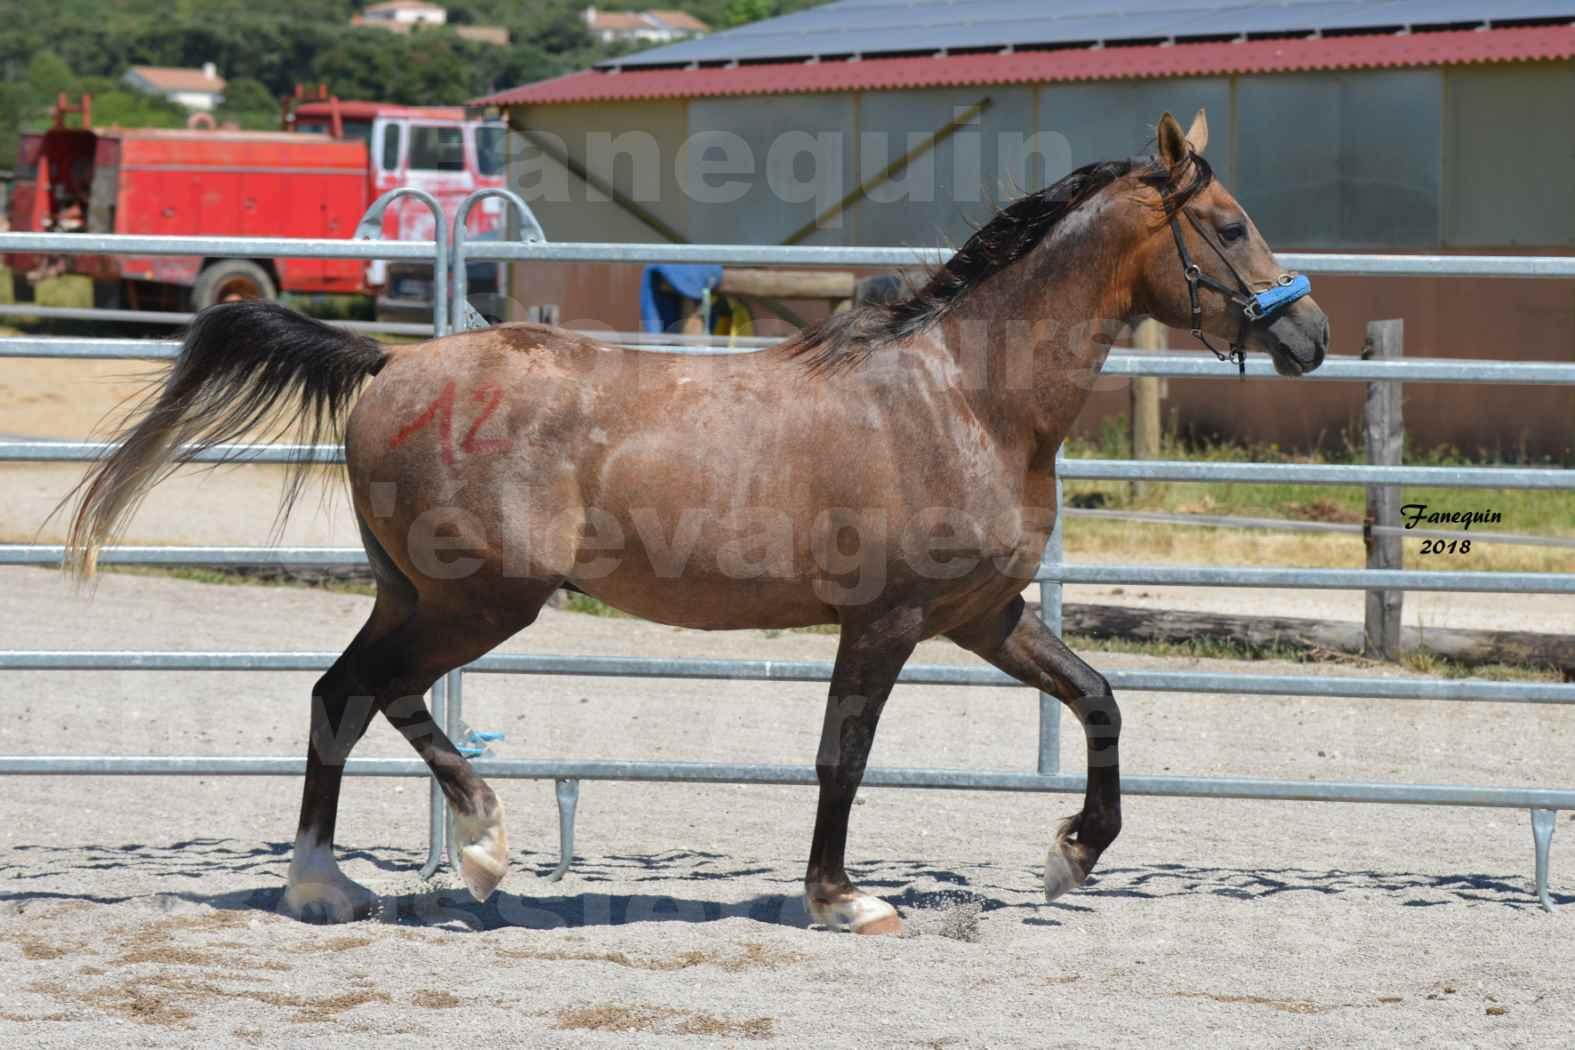 Concours d'Elevage de chevaux Arabes  le 27 juin 2018 à la BOISSIERE - MAREK LOTOIS - 6